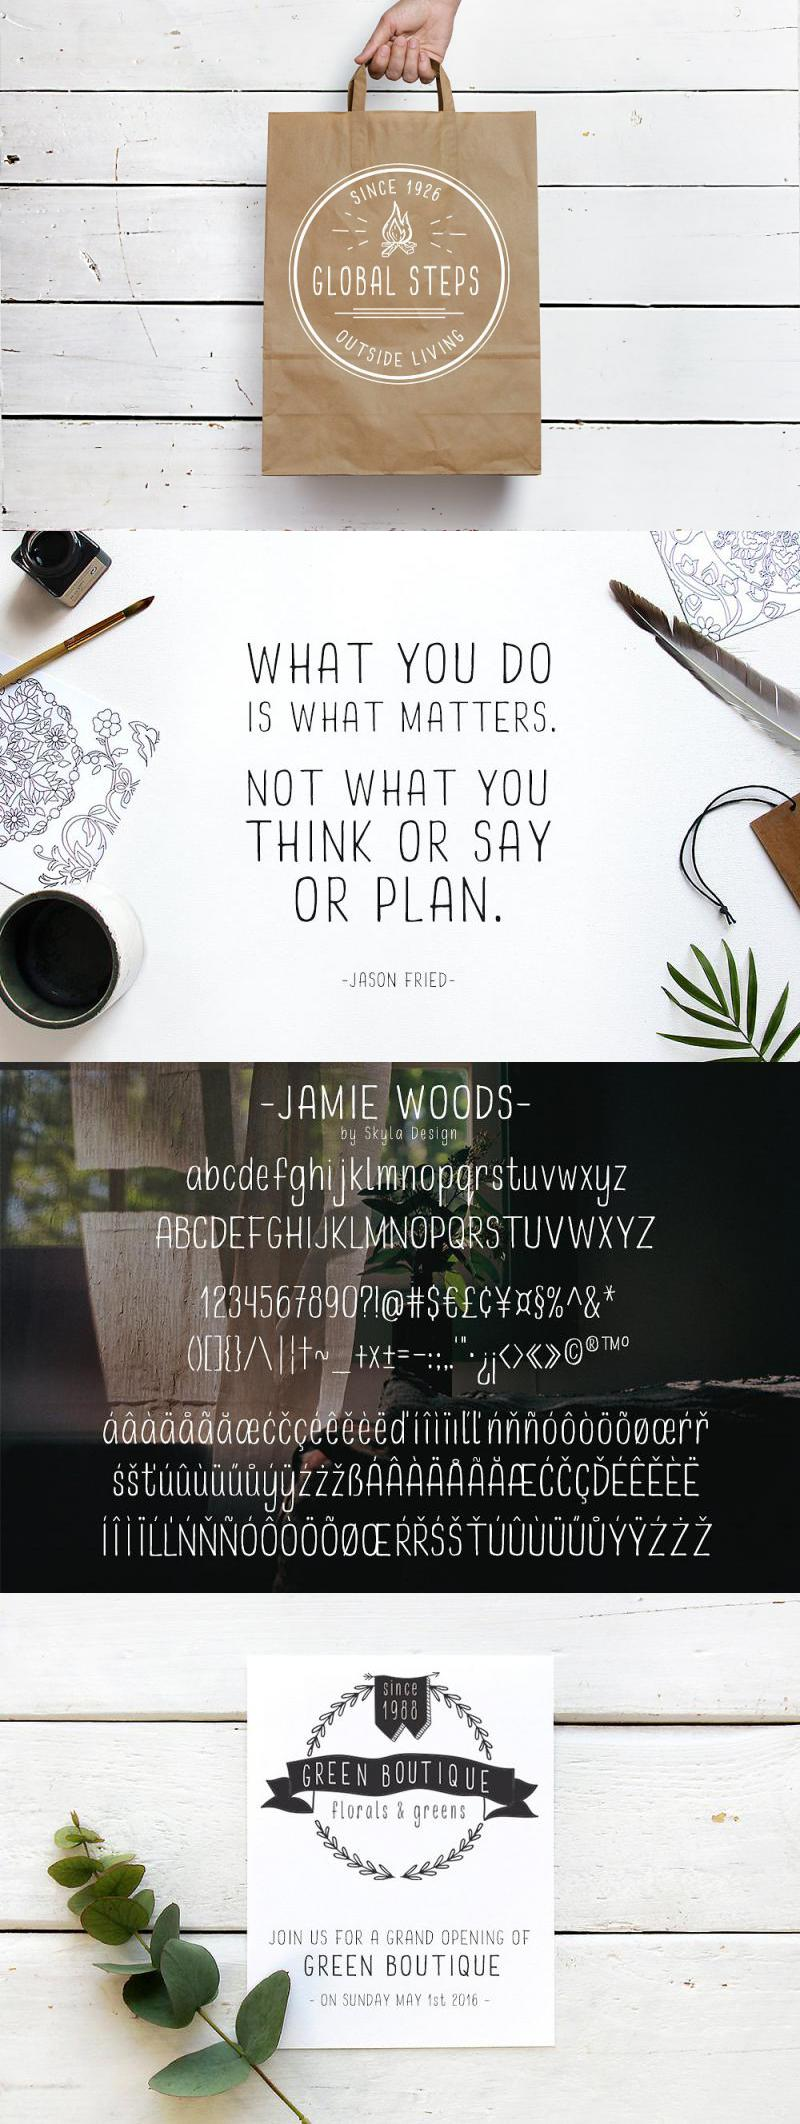 Condensed Sans Serif, Jamie Woods